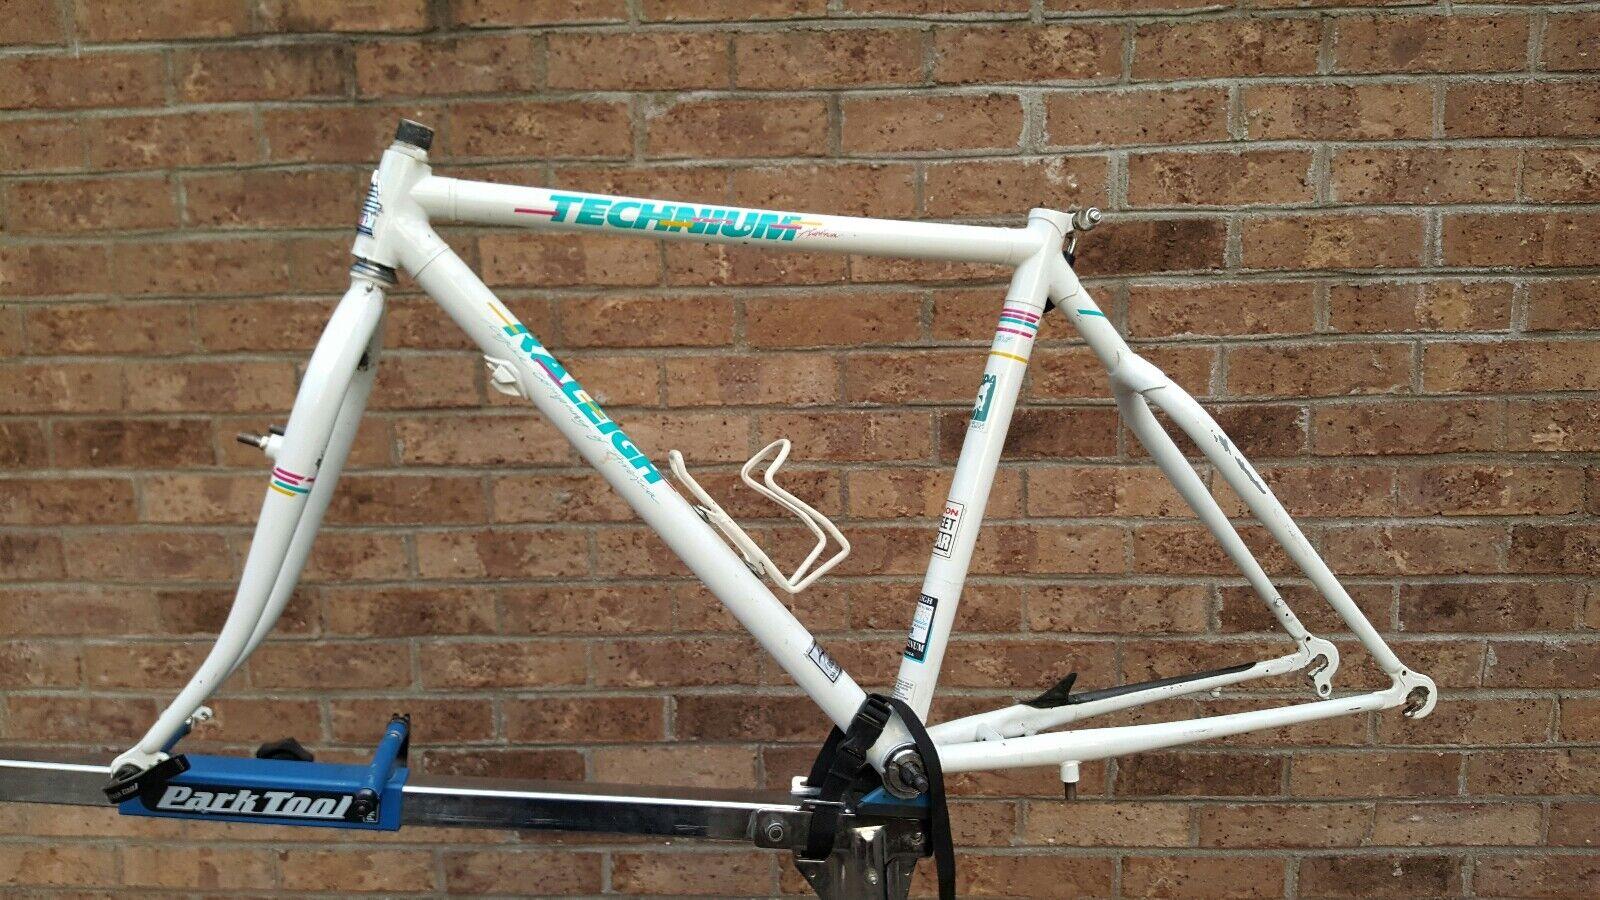 Raleigh The  ll Technium Frame Fork 80's Retro Mountain  Bike Aluminum Steel  best offer